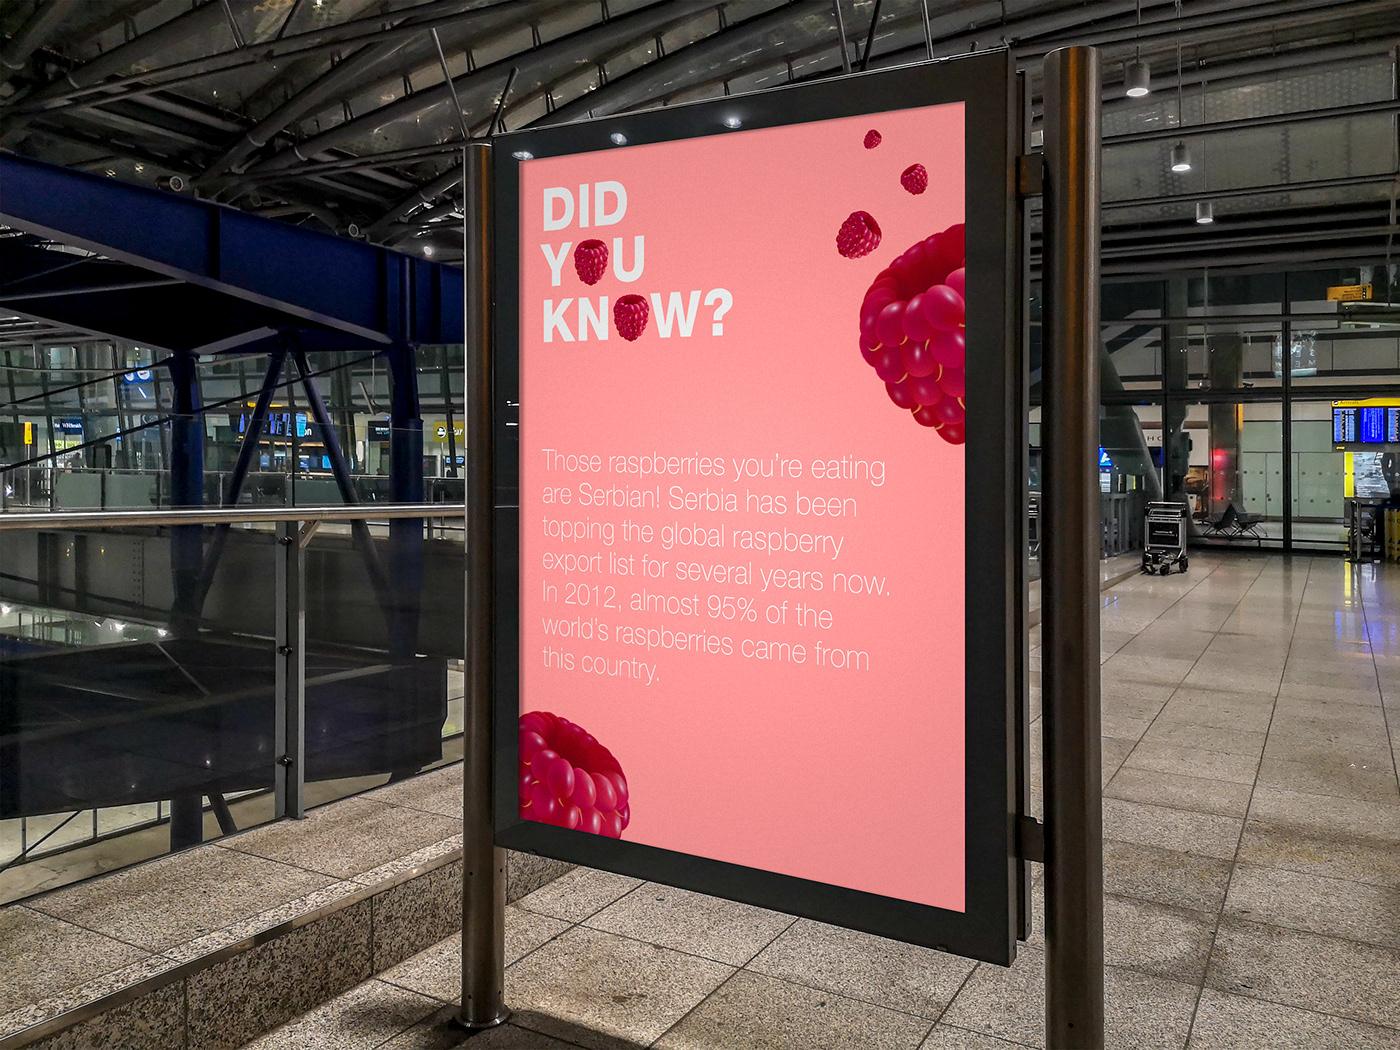 Image may contain: sign, billboard and screenshot